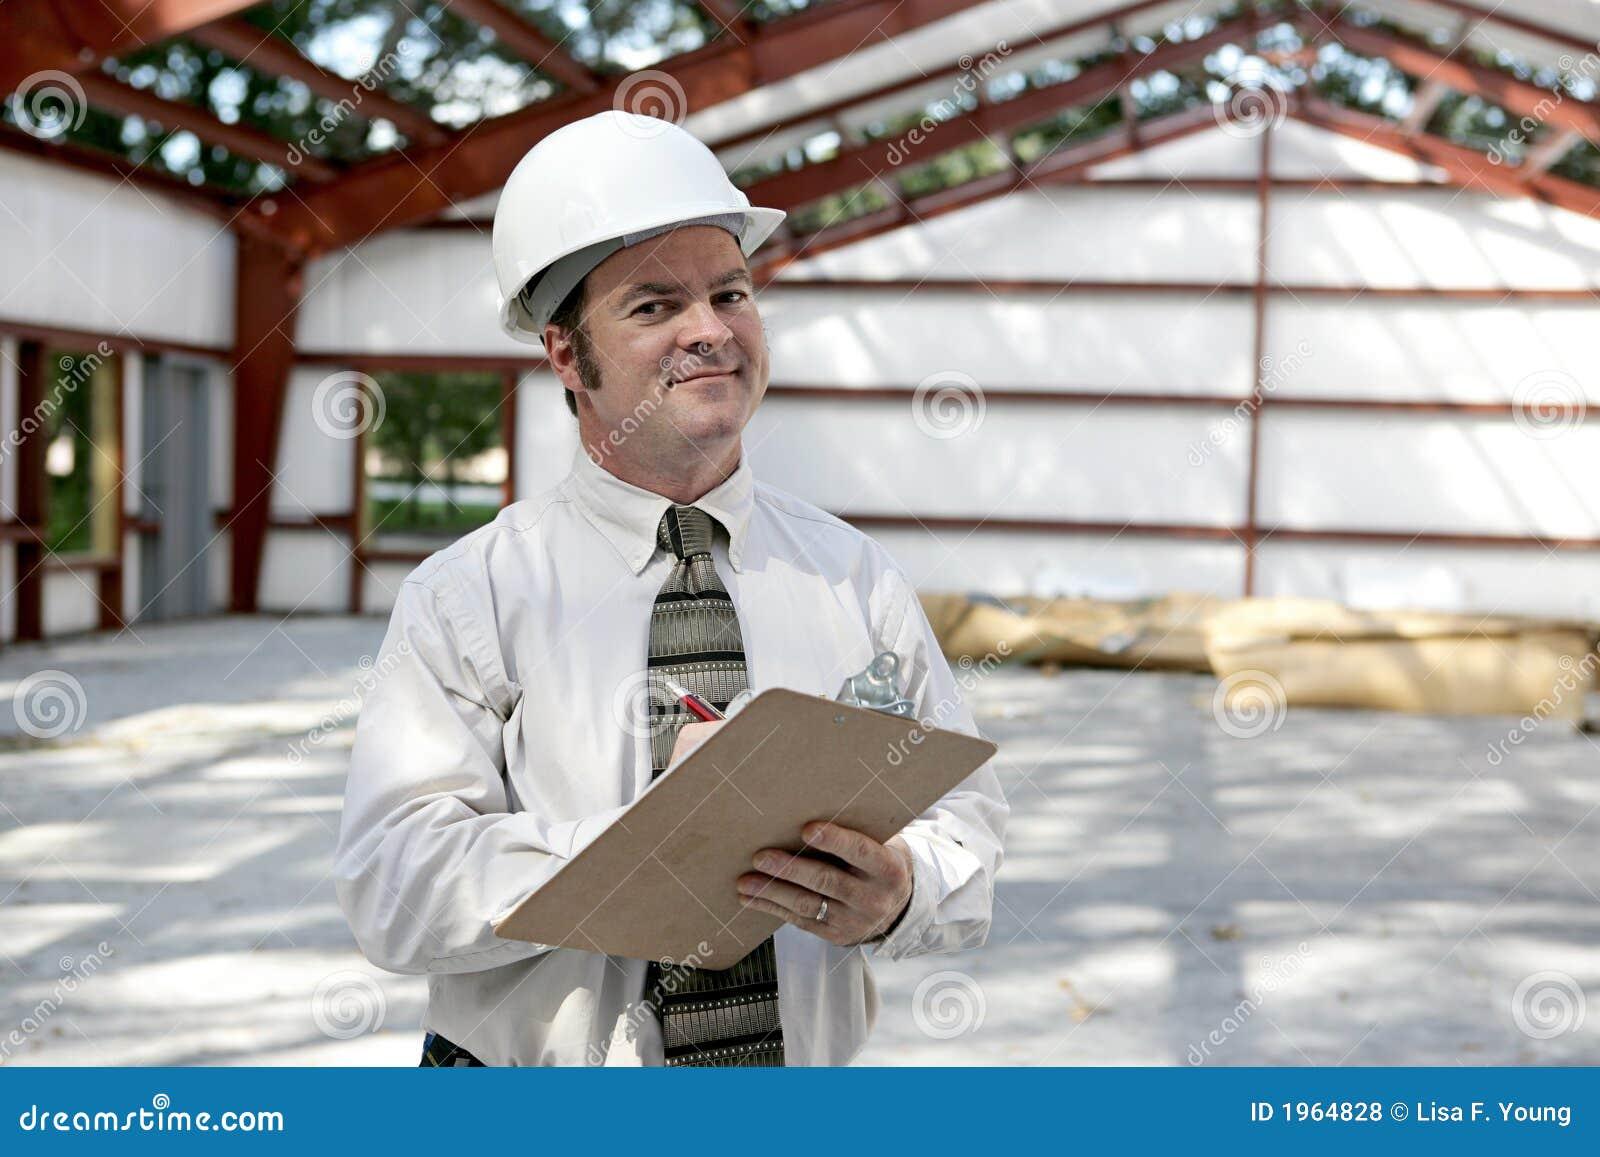 Inspecteur de construction - satisfaisant